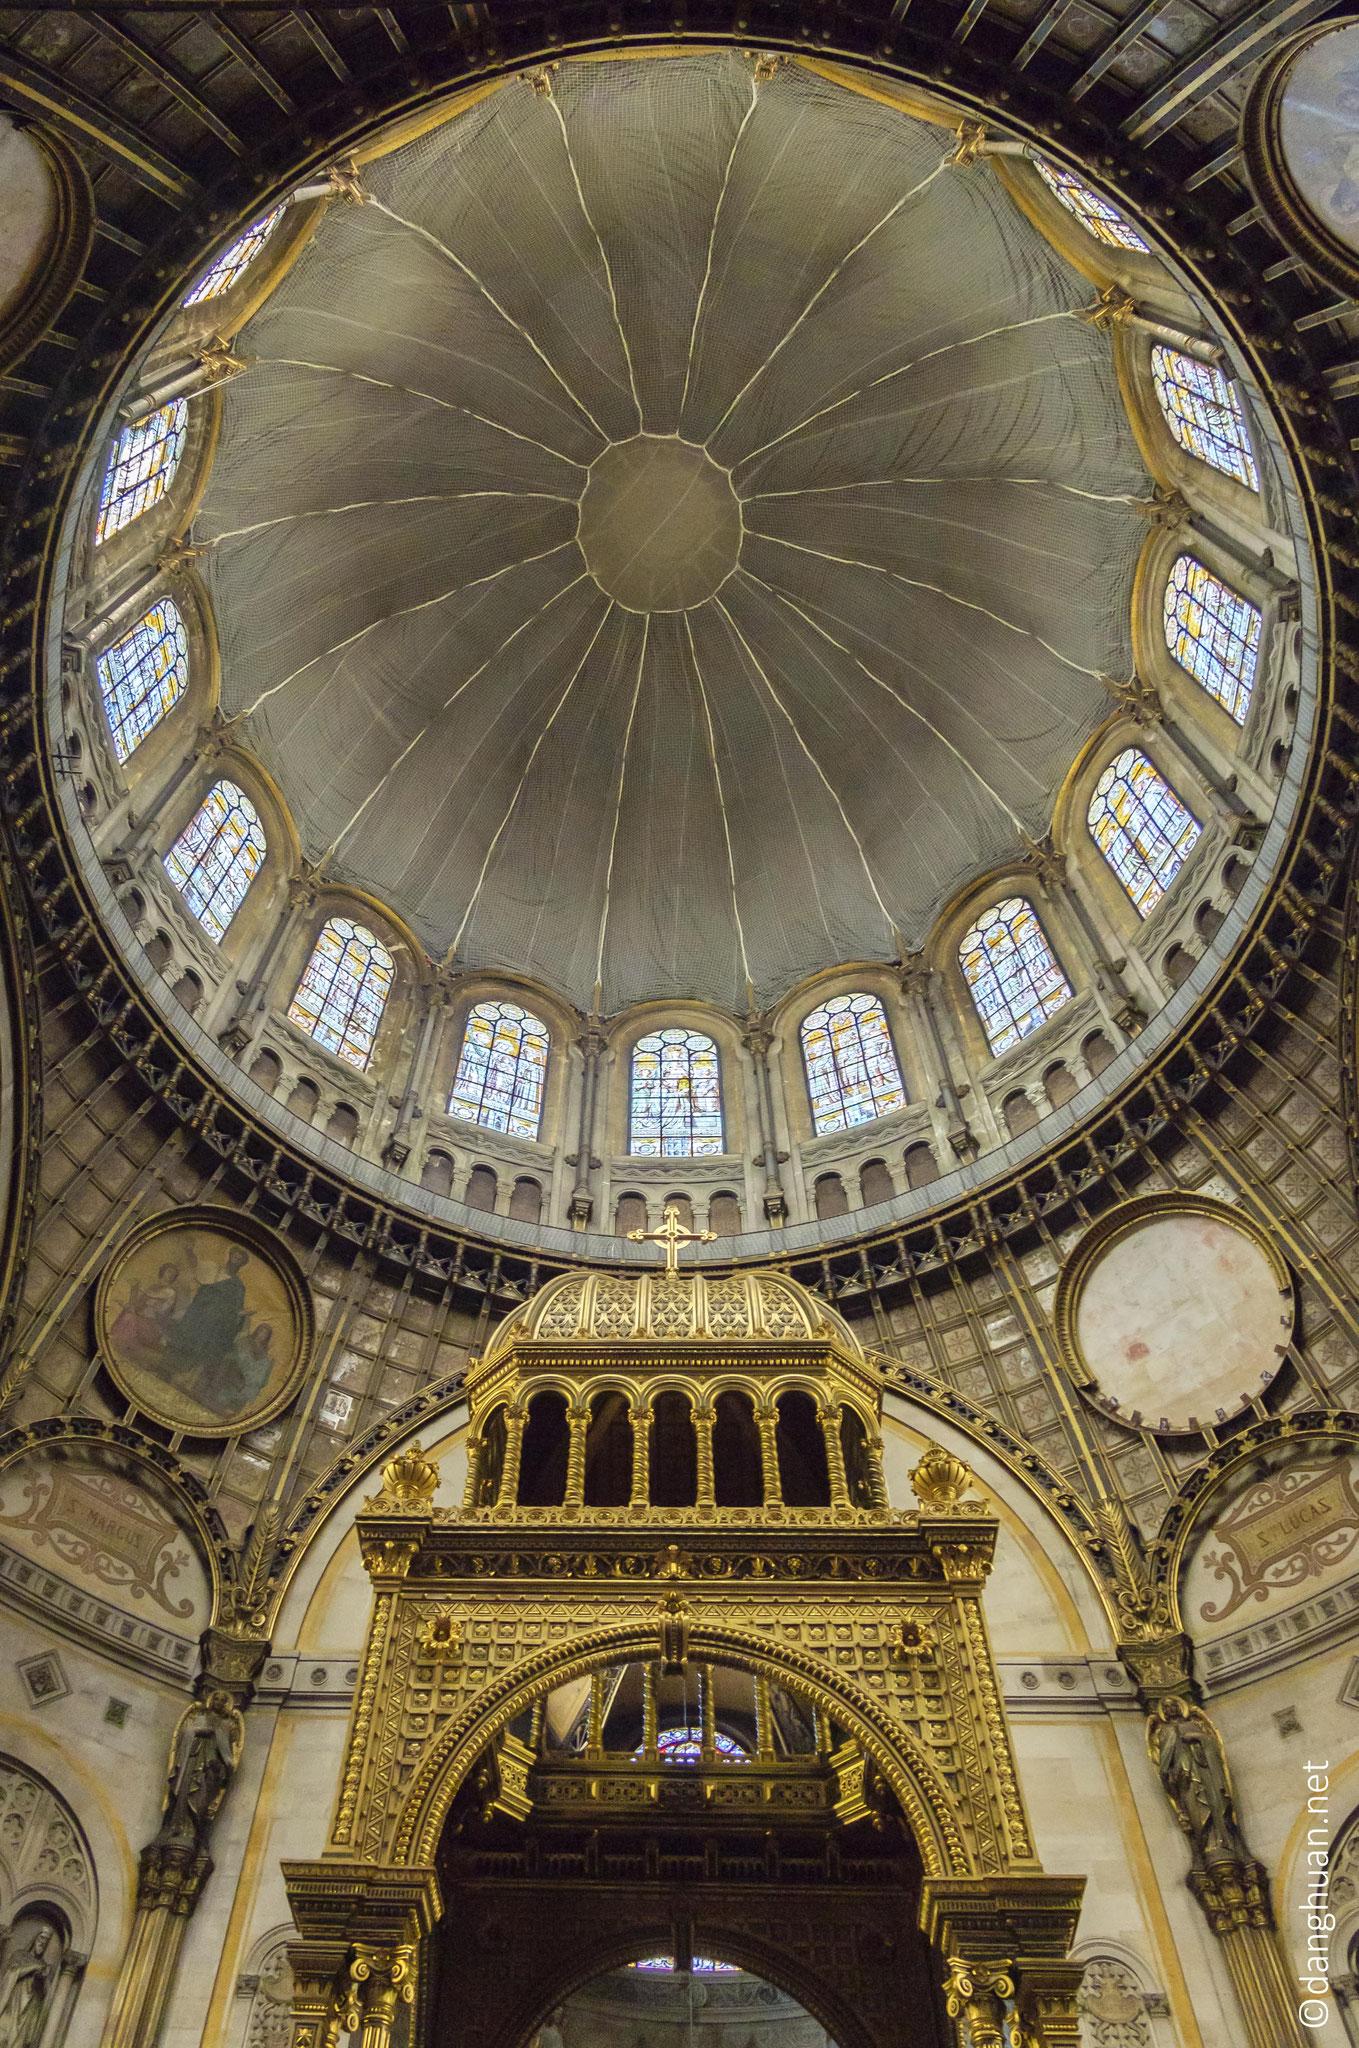 Eglise St Augustin - premier édifice religieux d'une telle ampleur à utiliser le fer et la fonte, 100m de longueur et 80m de hauteur